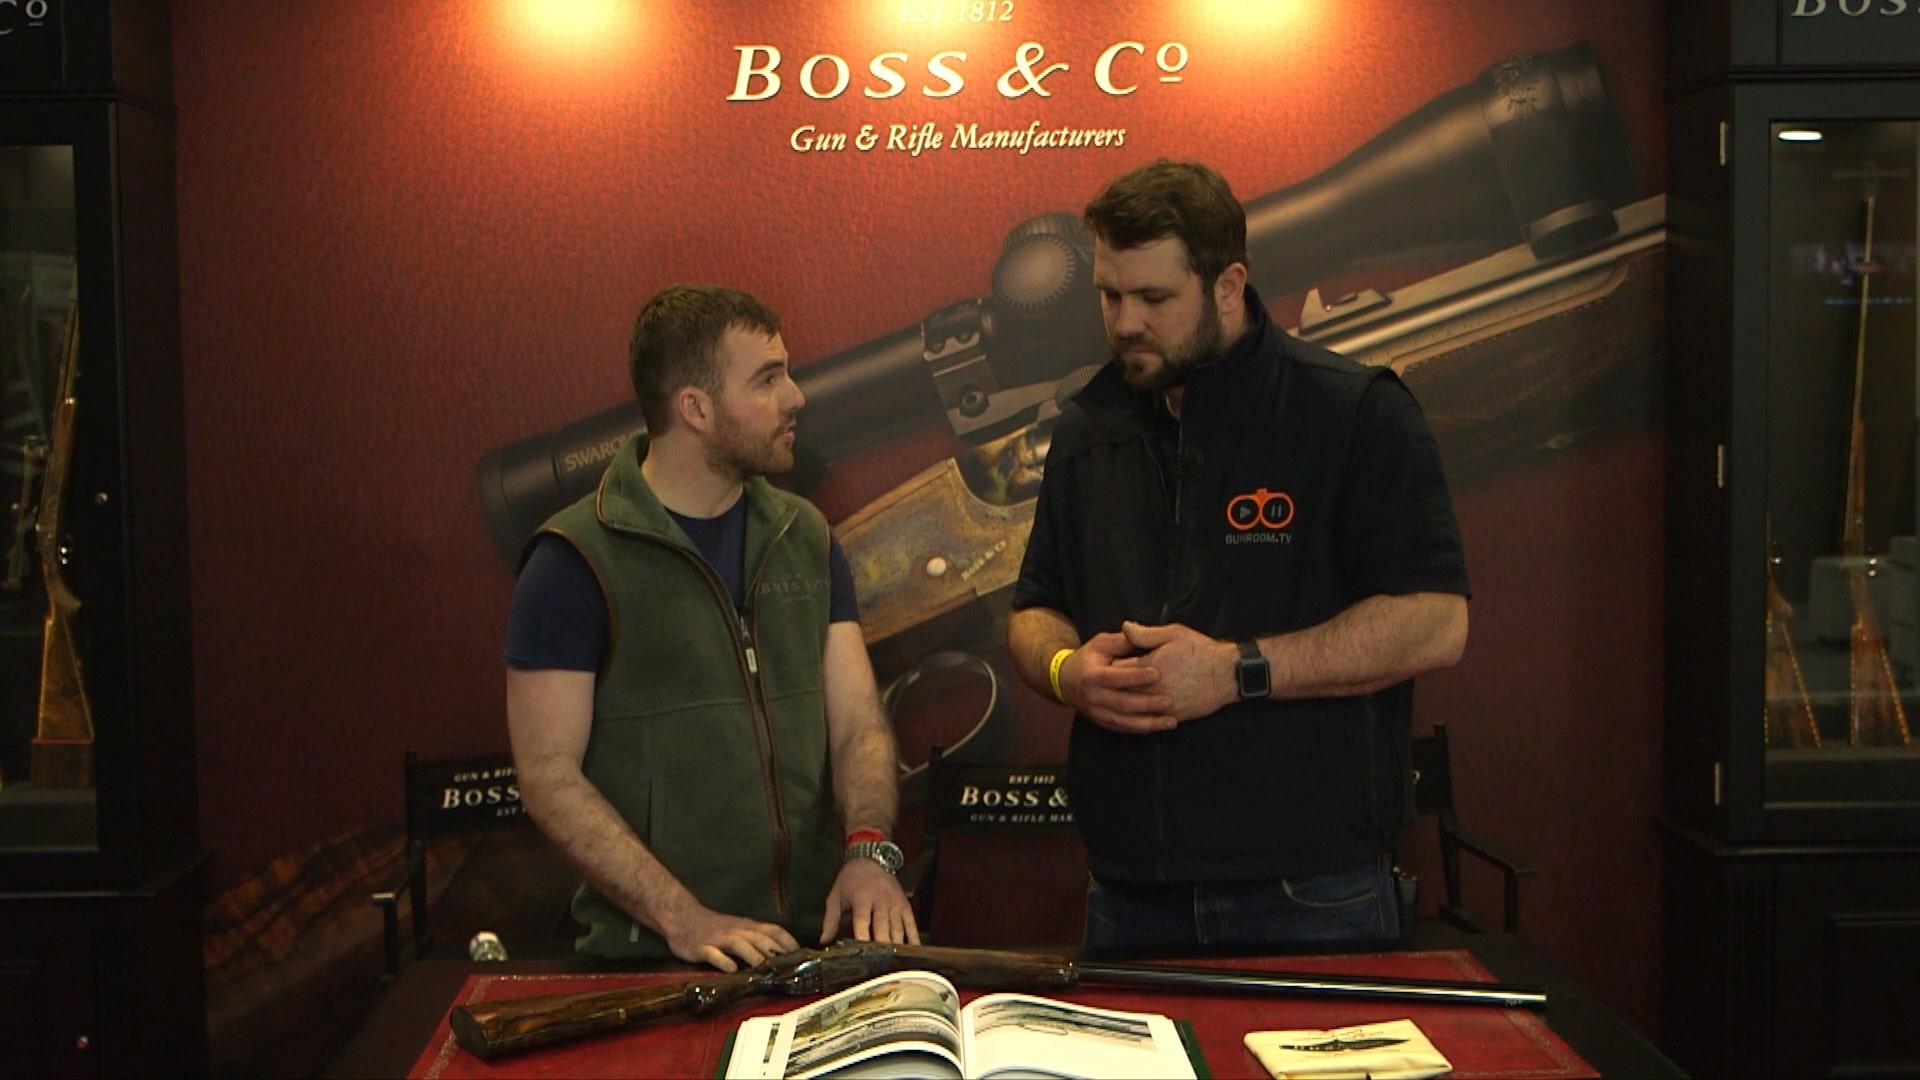 Boss & Co British Shooting Show 2019 - Gunroom tv